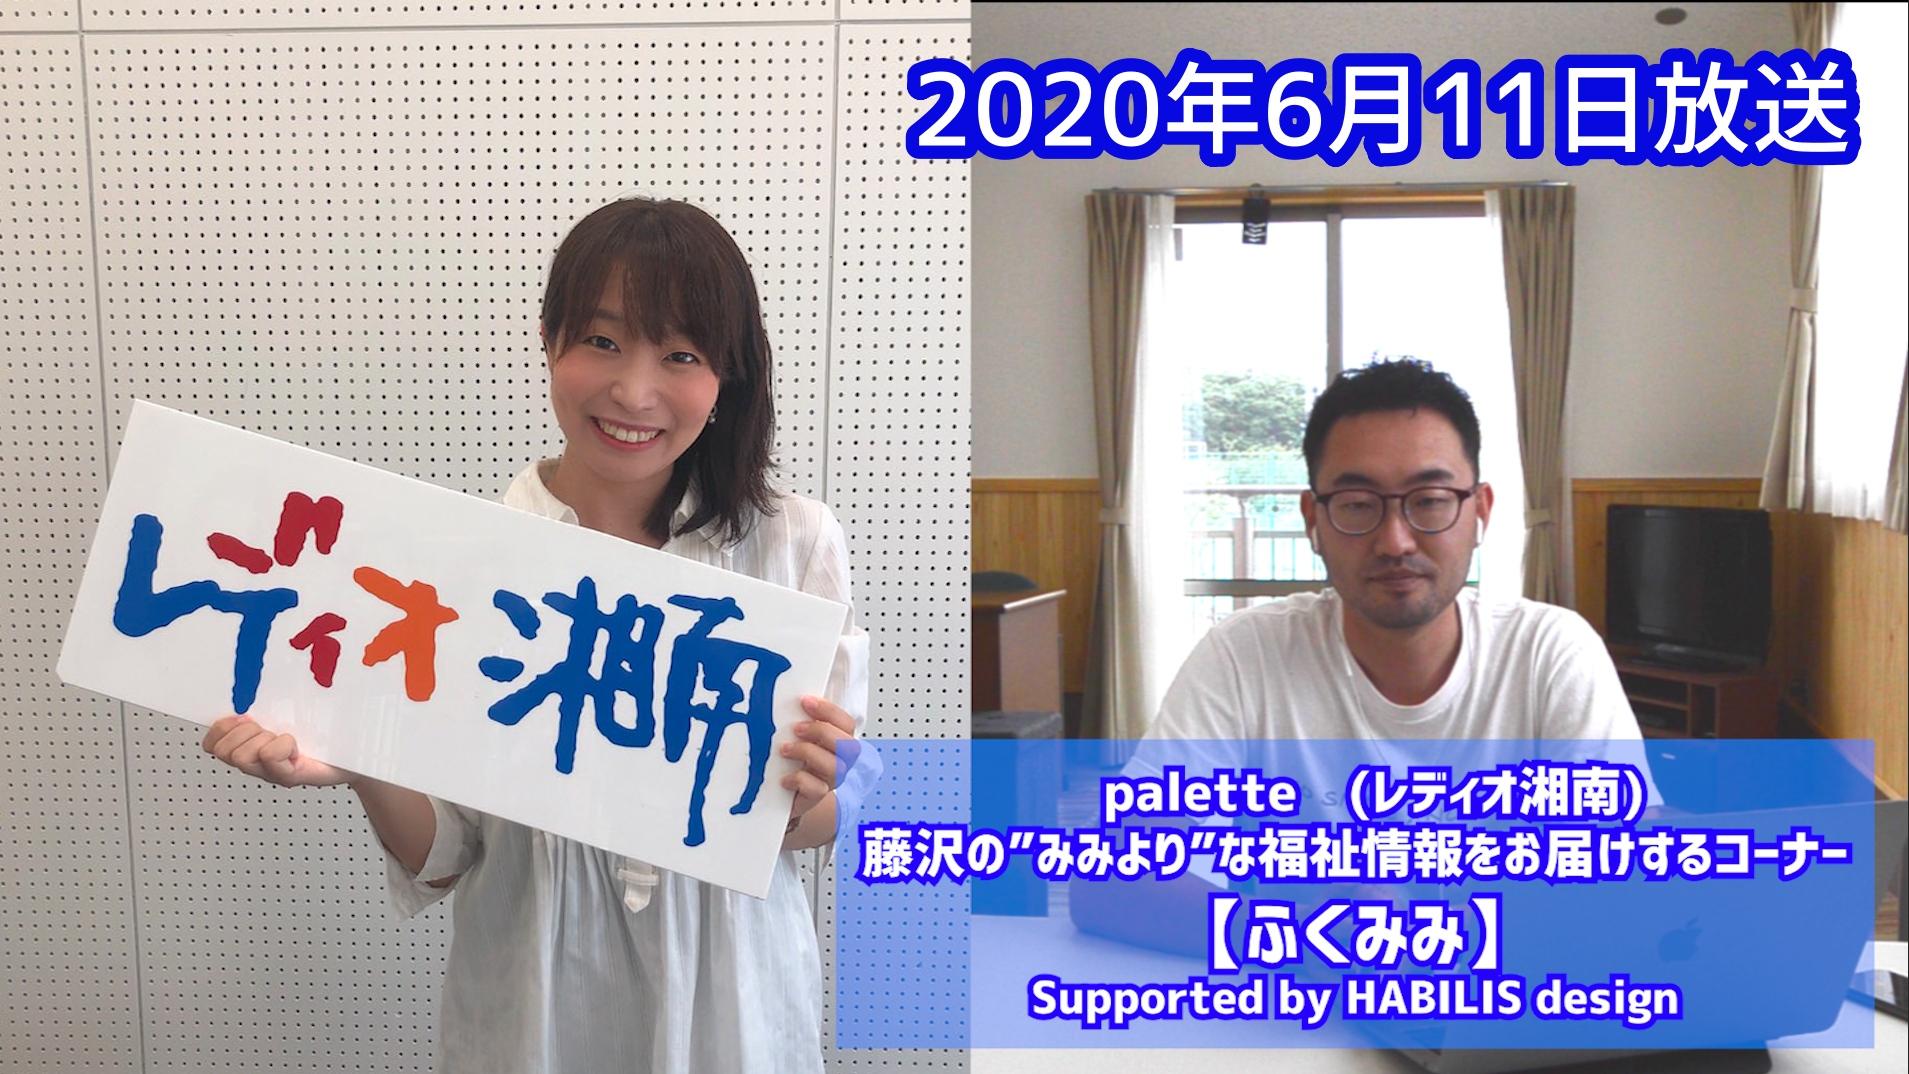 「ふくみみ」#4(藤沢の耳よりな福祉情報をお届けするコーナー)20200611放送